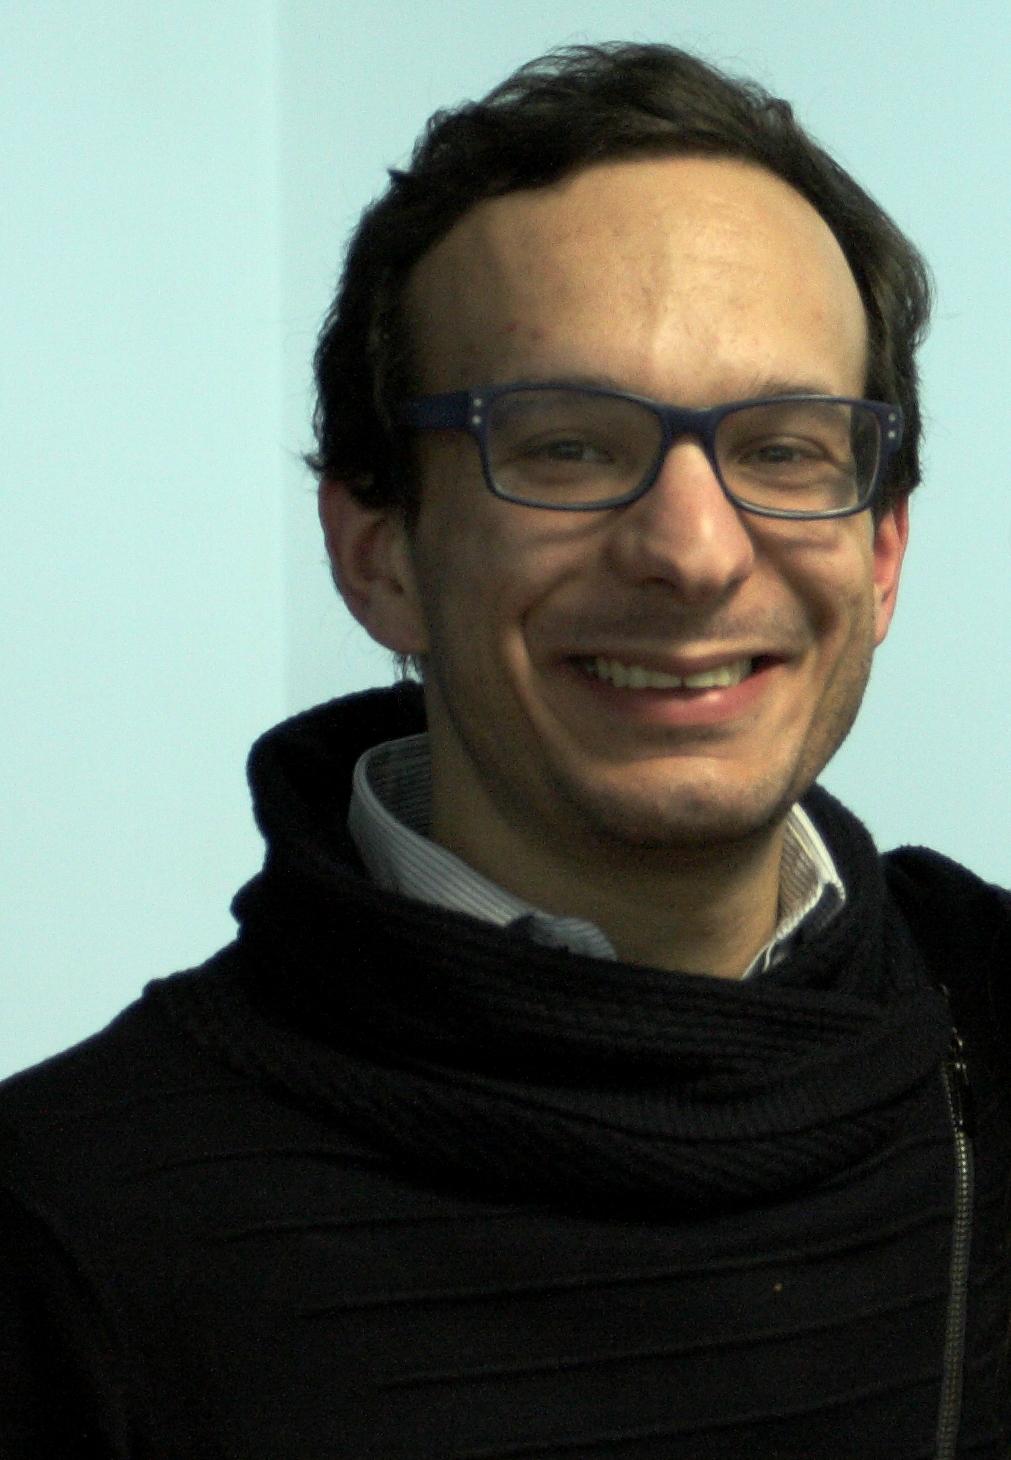 Pedro Miguel Cardoso Costa